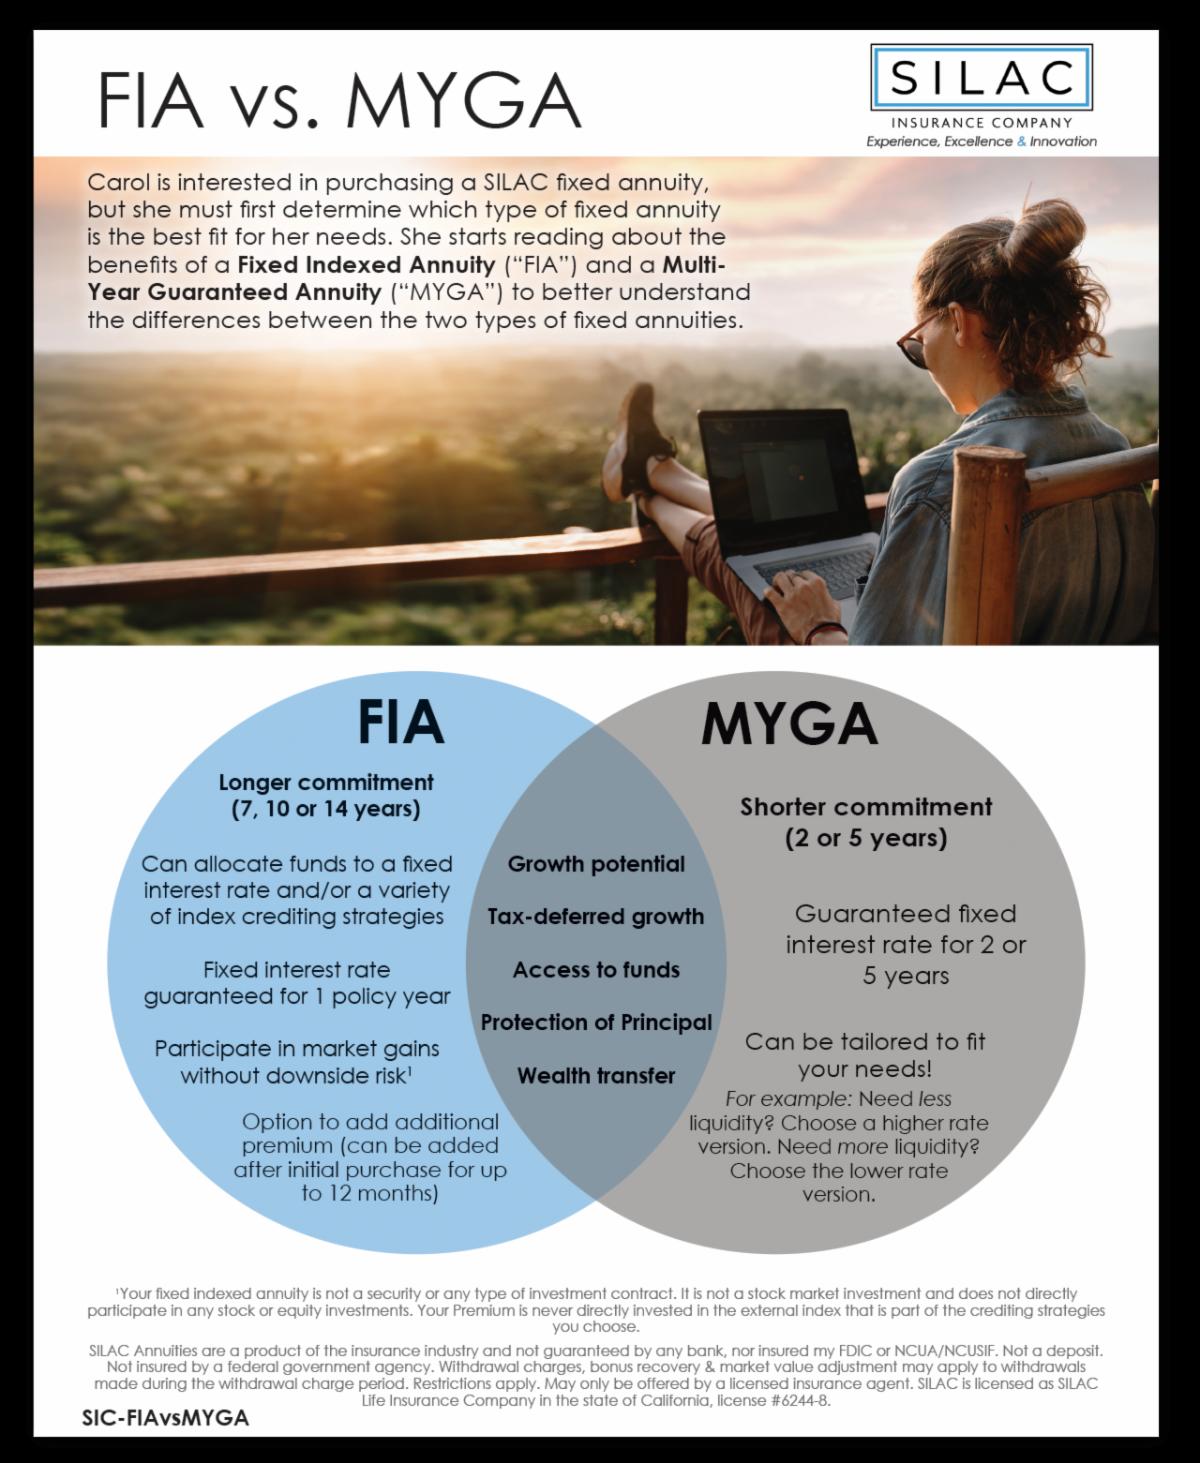 FIA vs MYGA